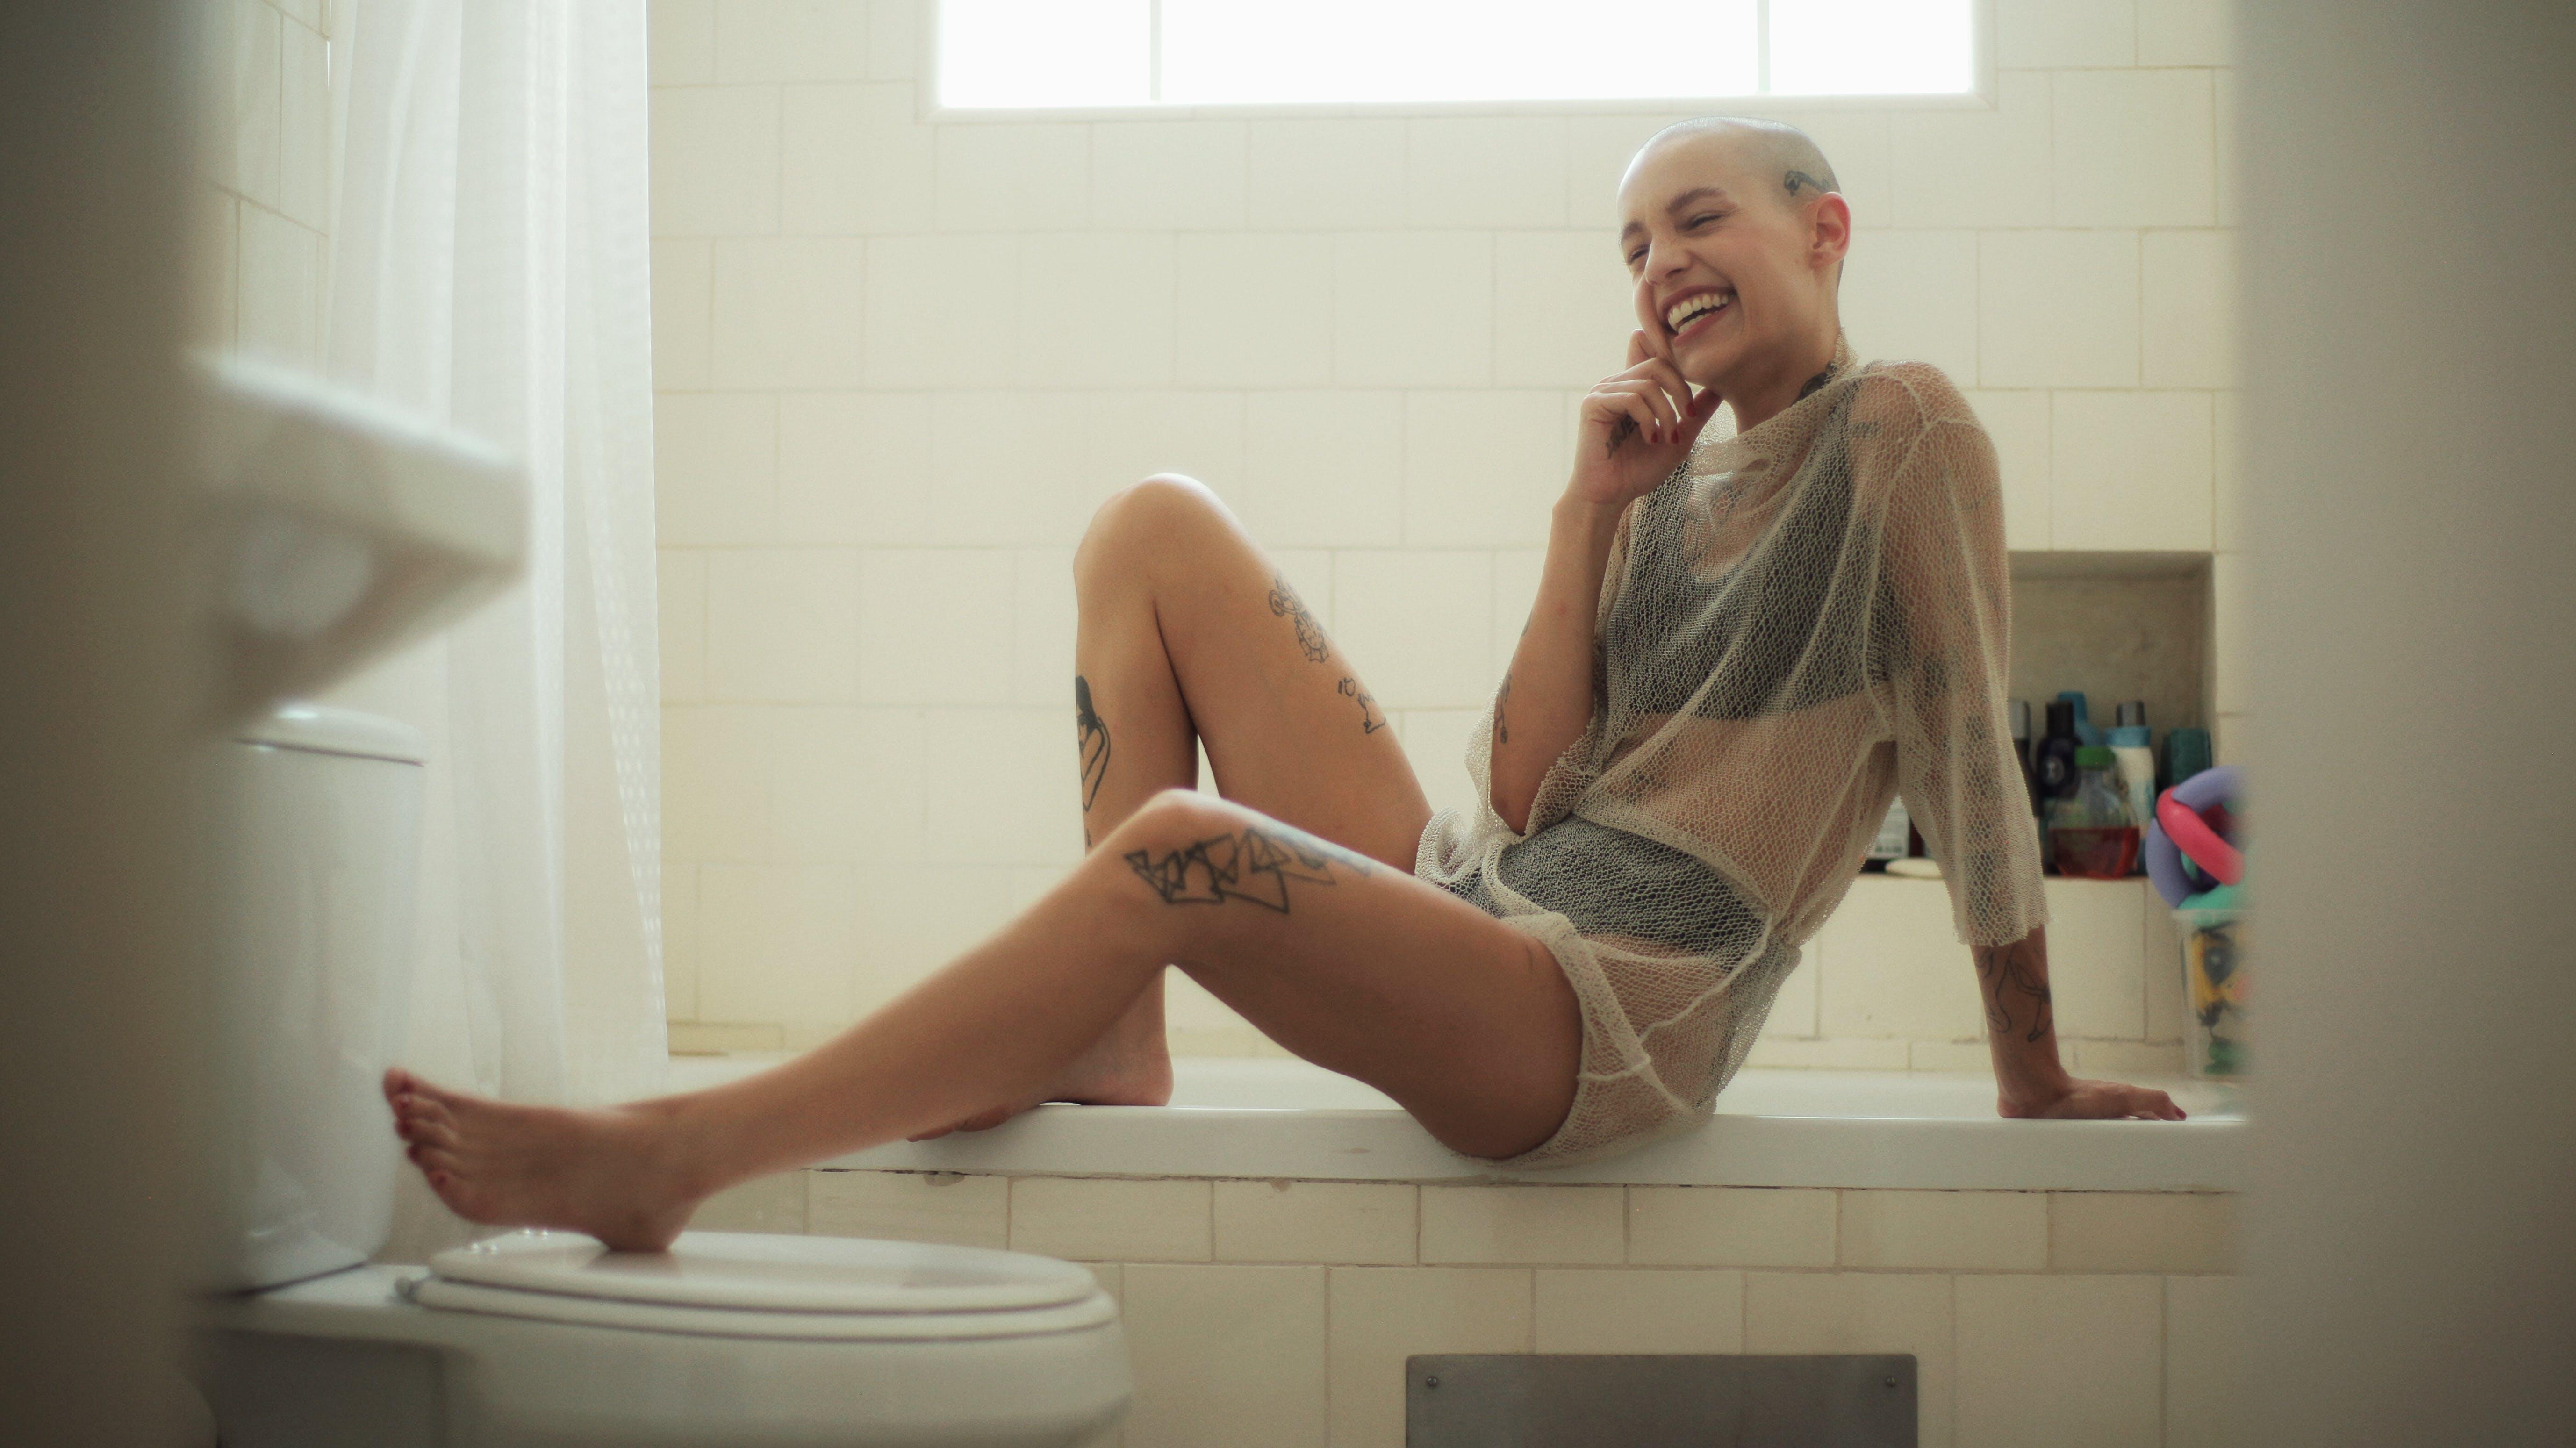 Smiling Woman Sitting On Bath Tub